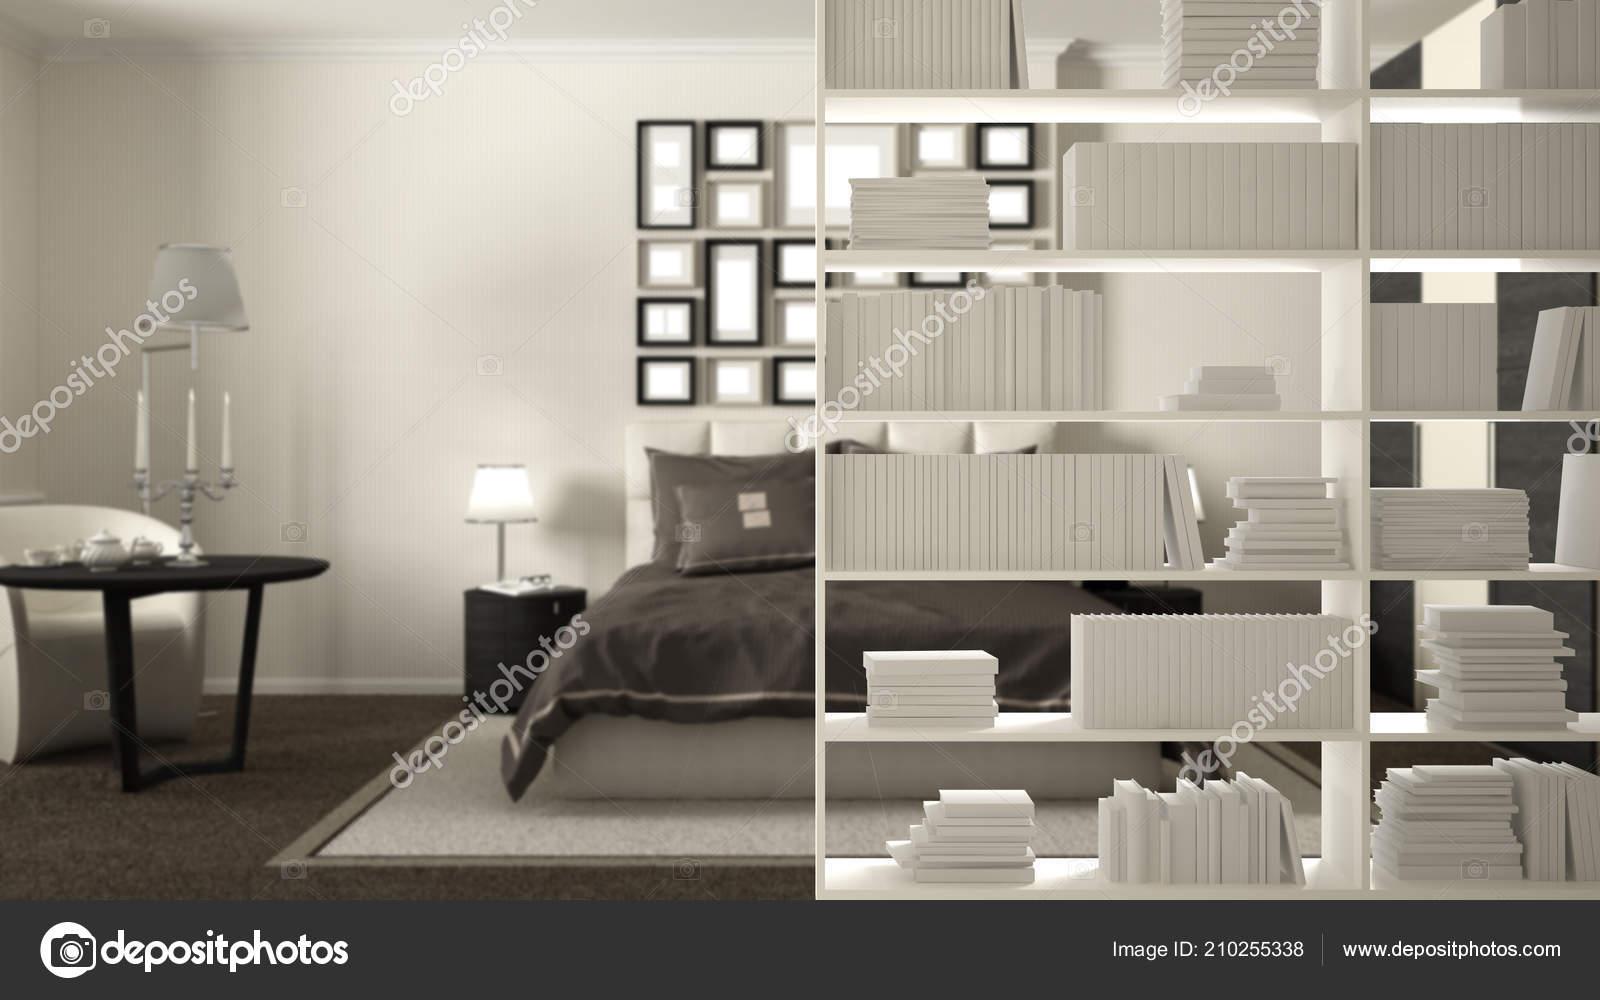 Bookshelf Close Shelving Foreground Interior Design Concept